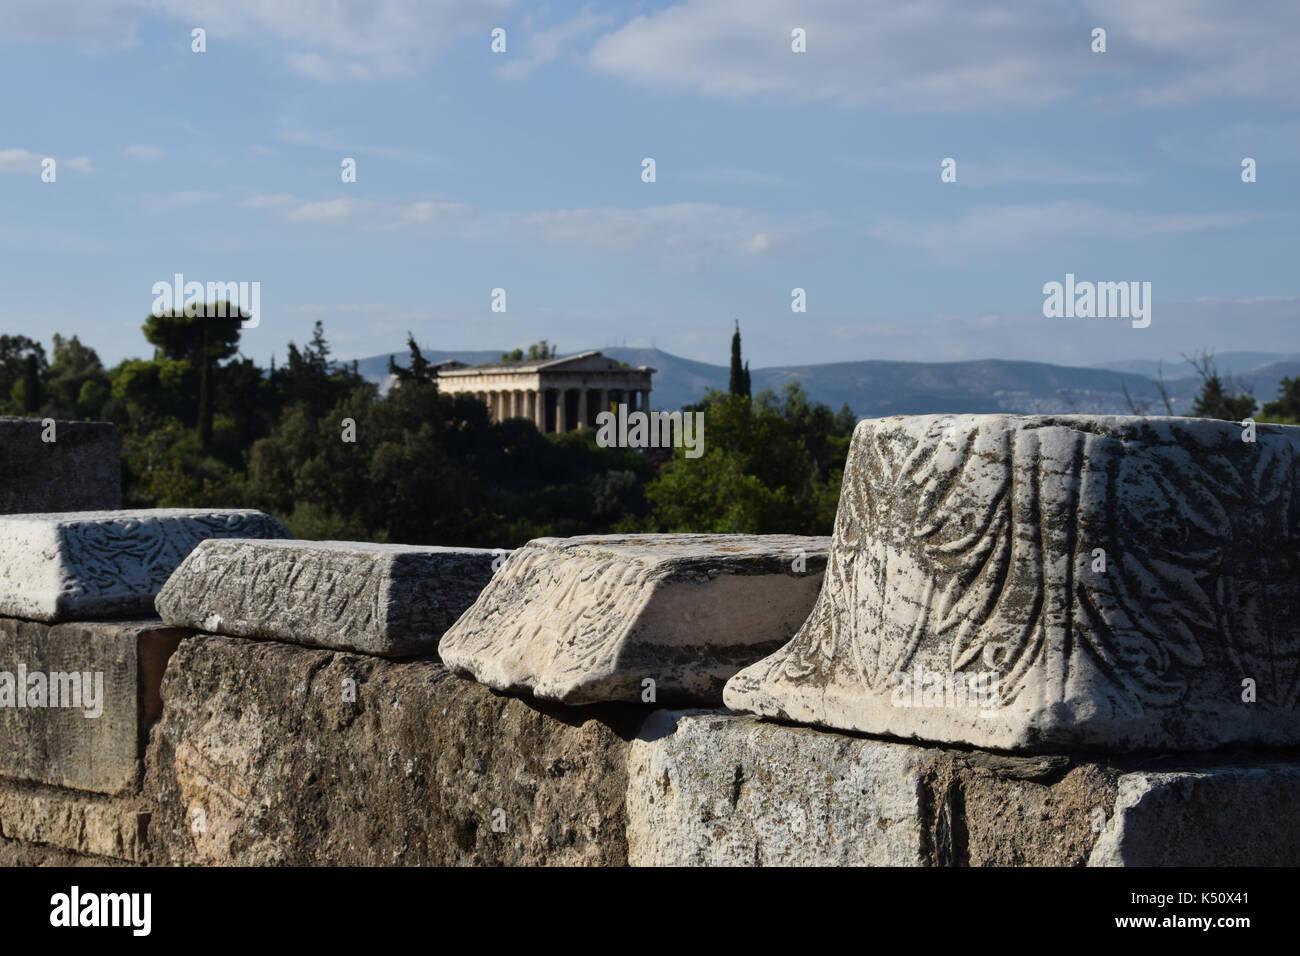 Parete con la colonna di marmo frammenti con ornamenti intagliati all'antica agorà di Atene in Grecia. il tempio di Efesto può essere visto in background Foto Stock